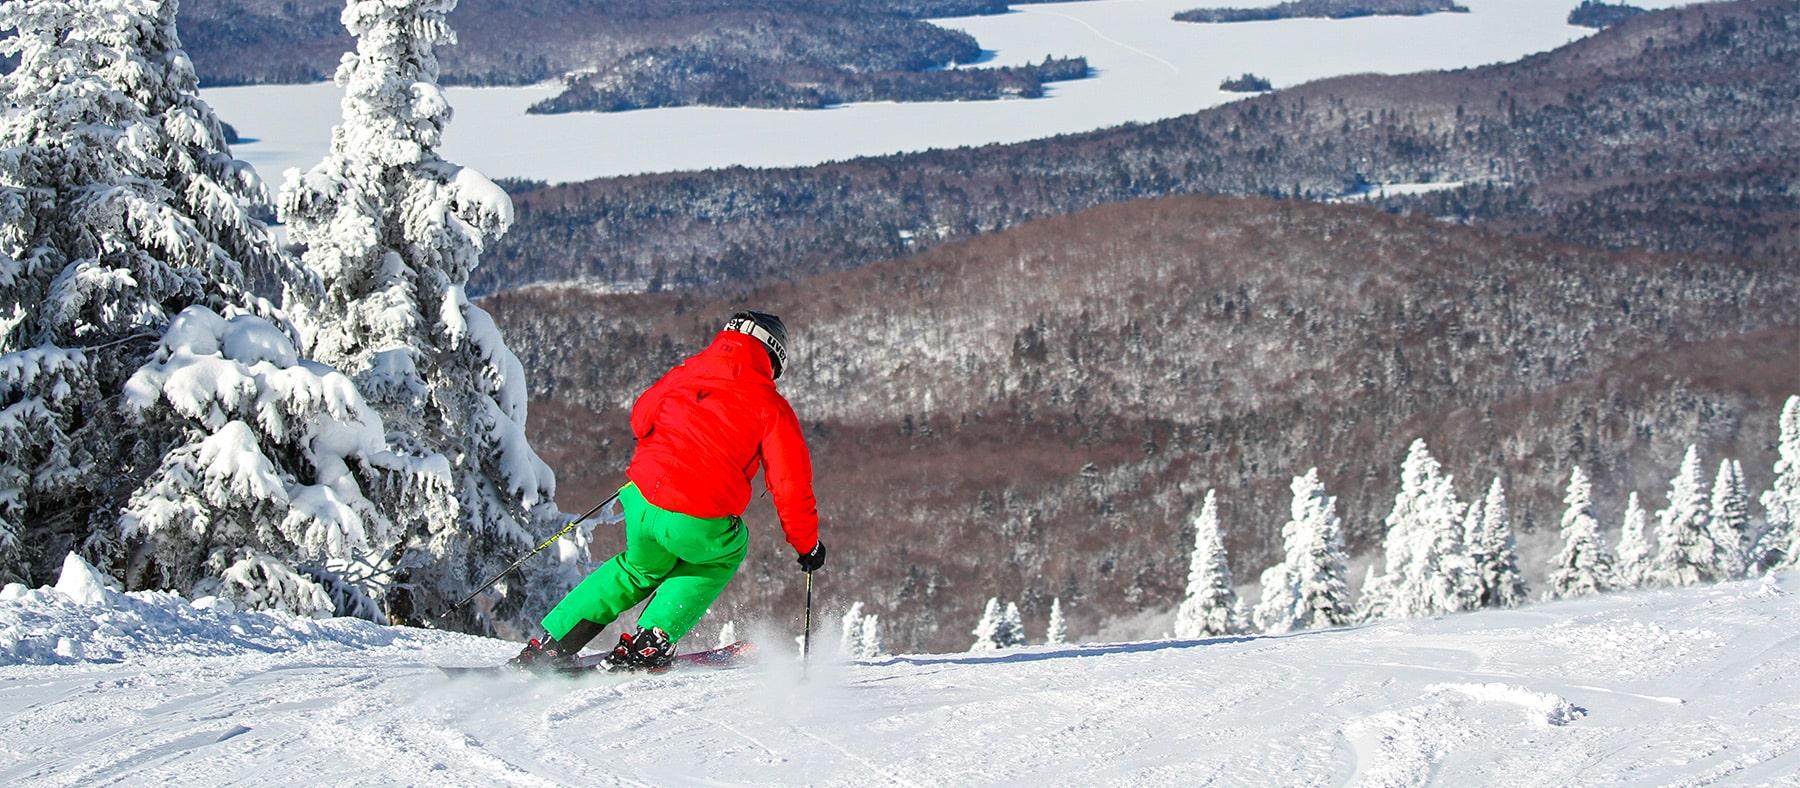 ski-au-quebec-laurentides-tourisme-laurentides-quebec-le-mag